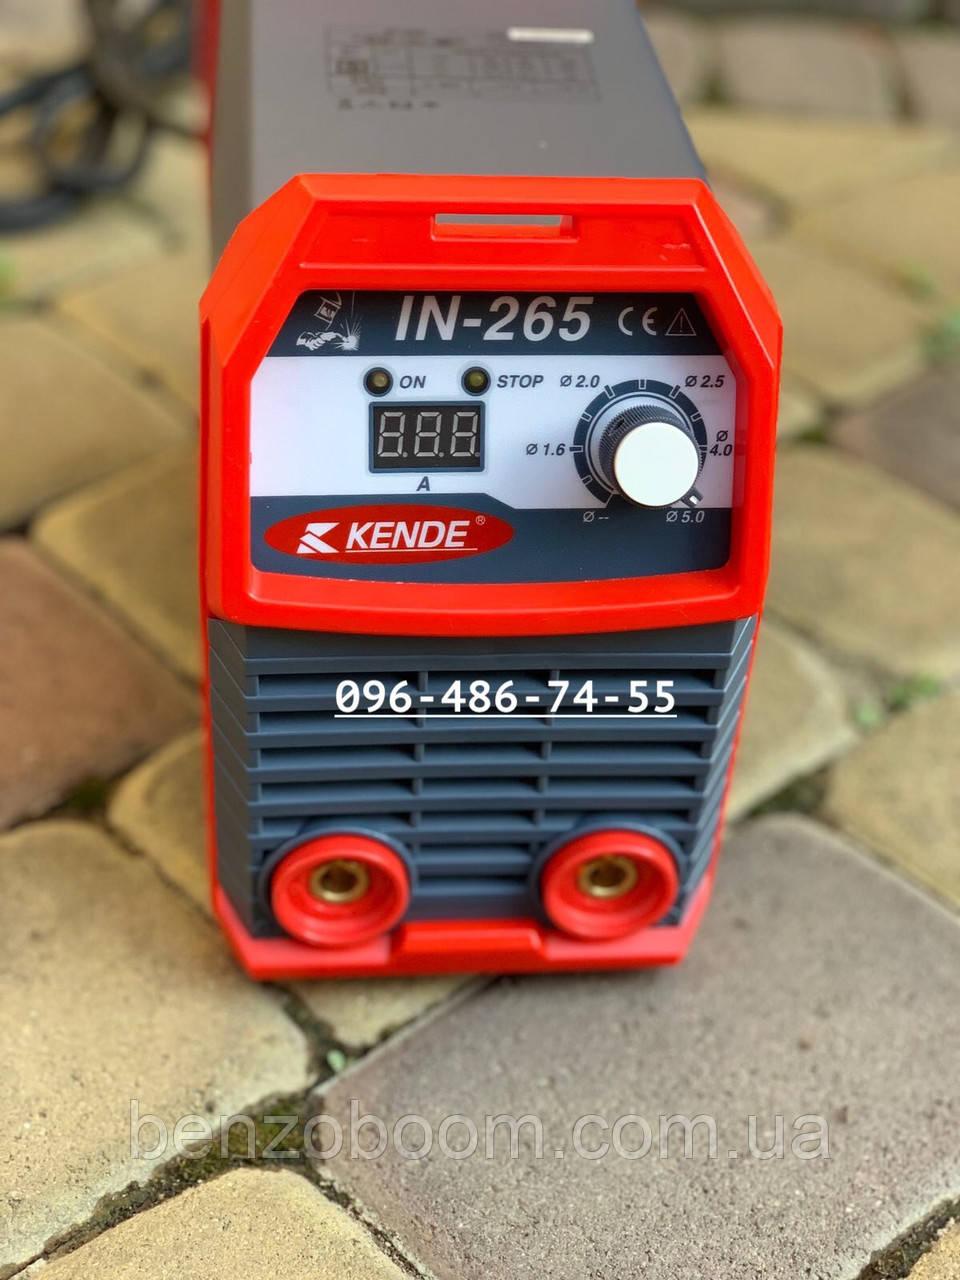 Инверторный сварочный аппарат Kende IN-265